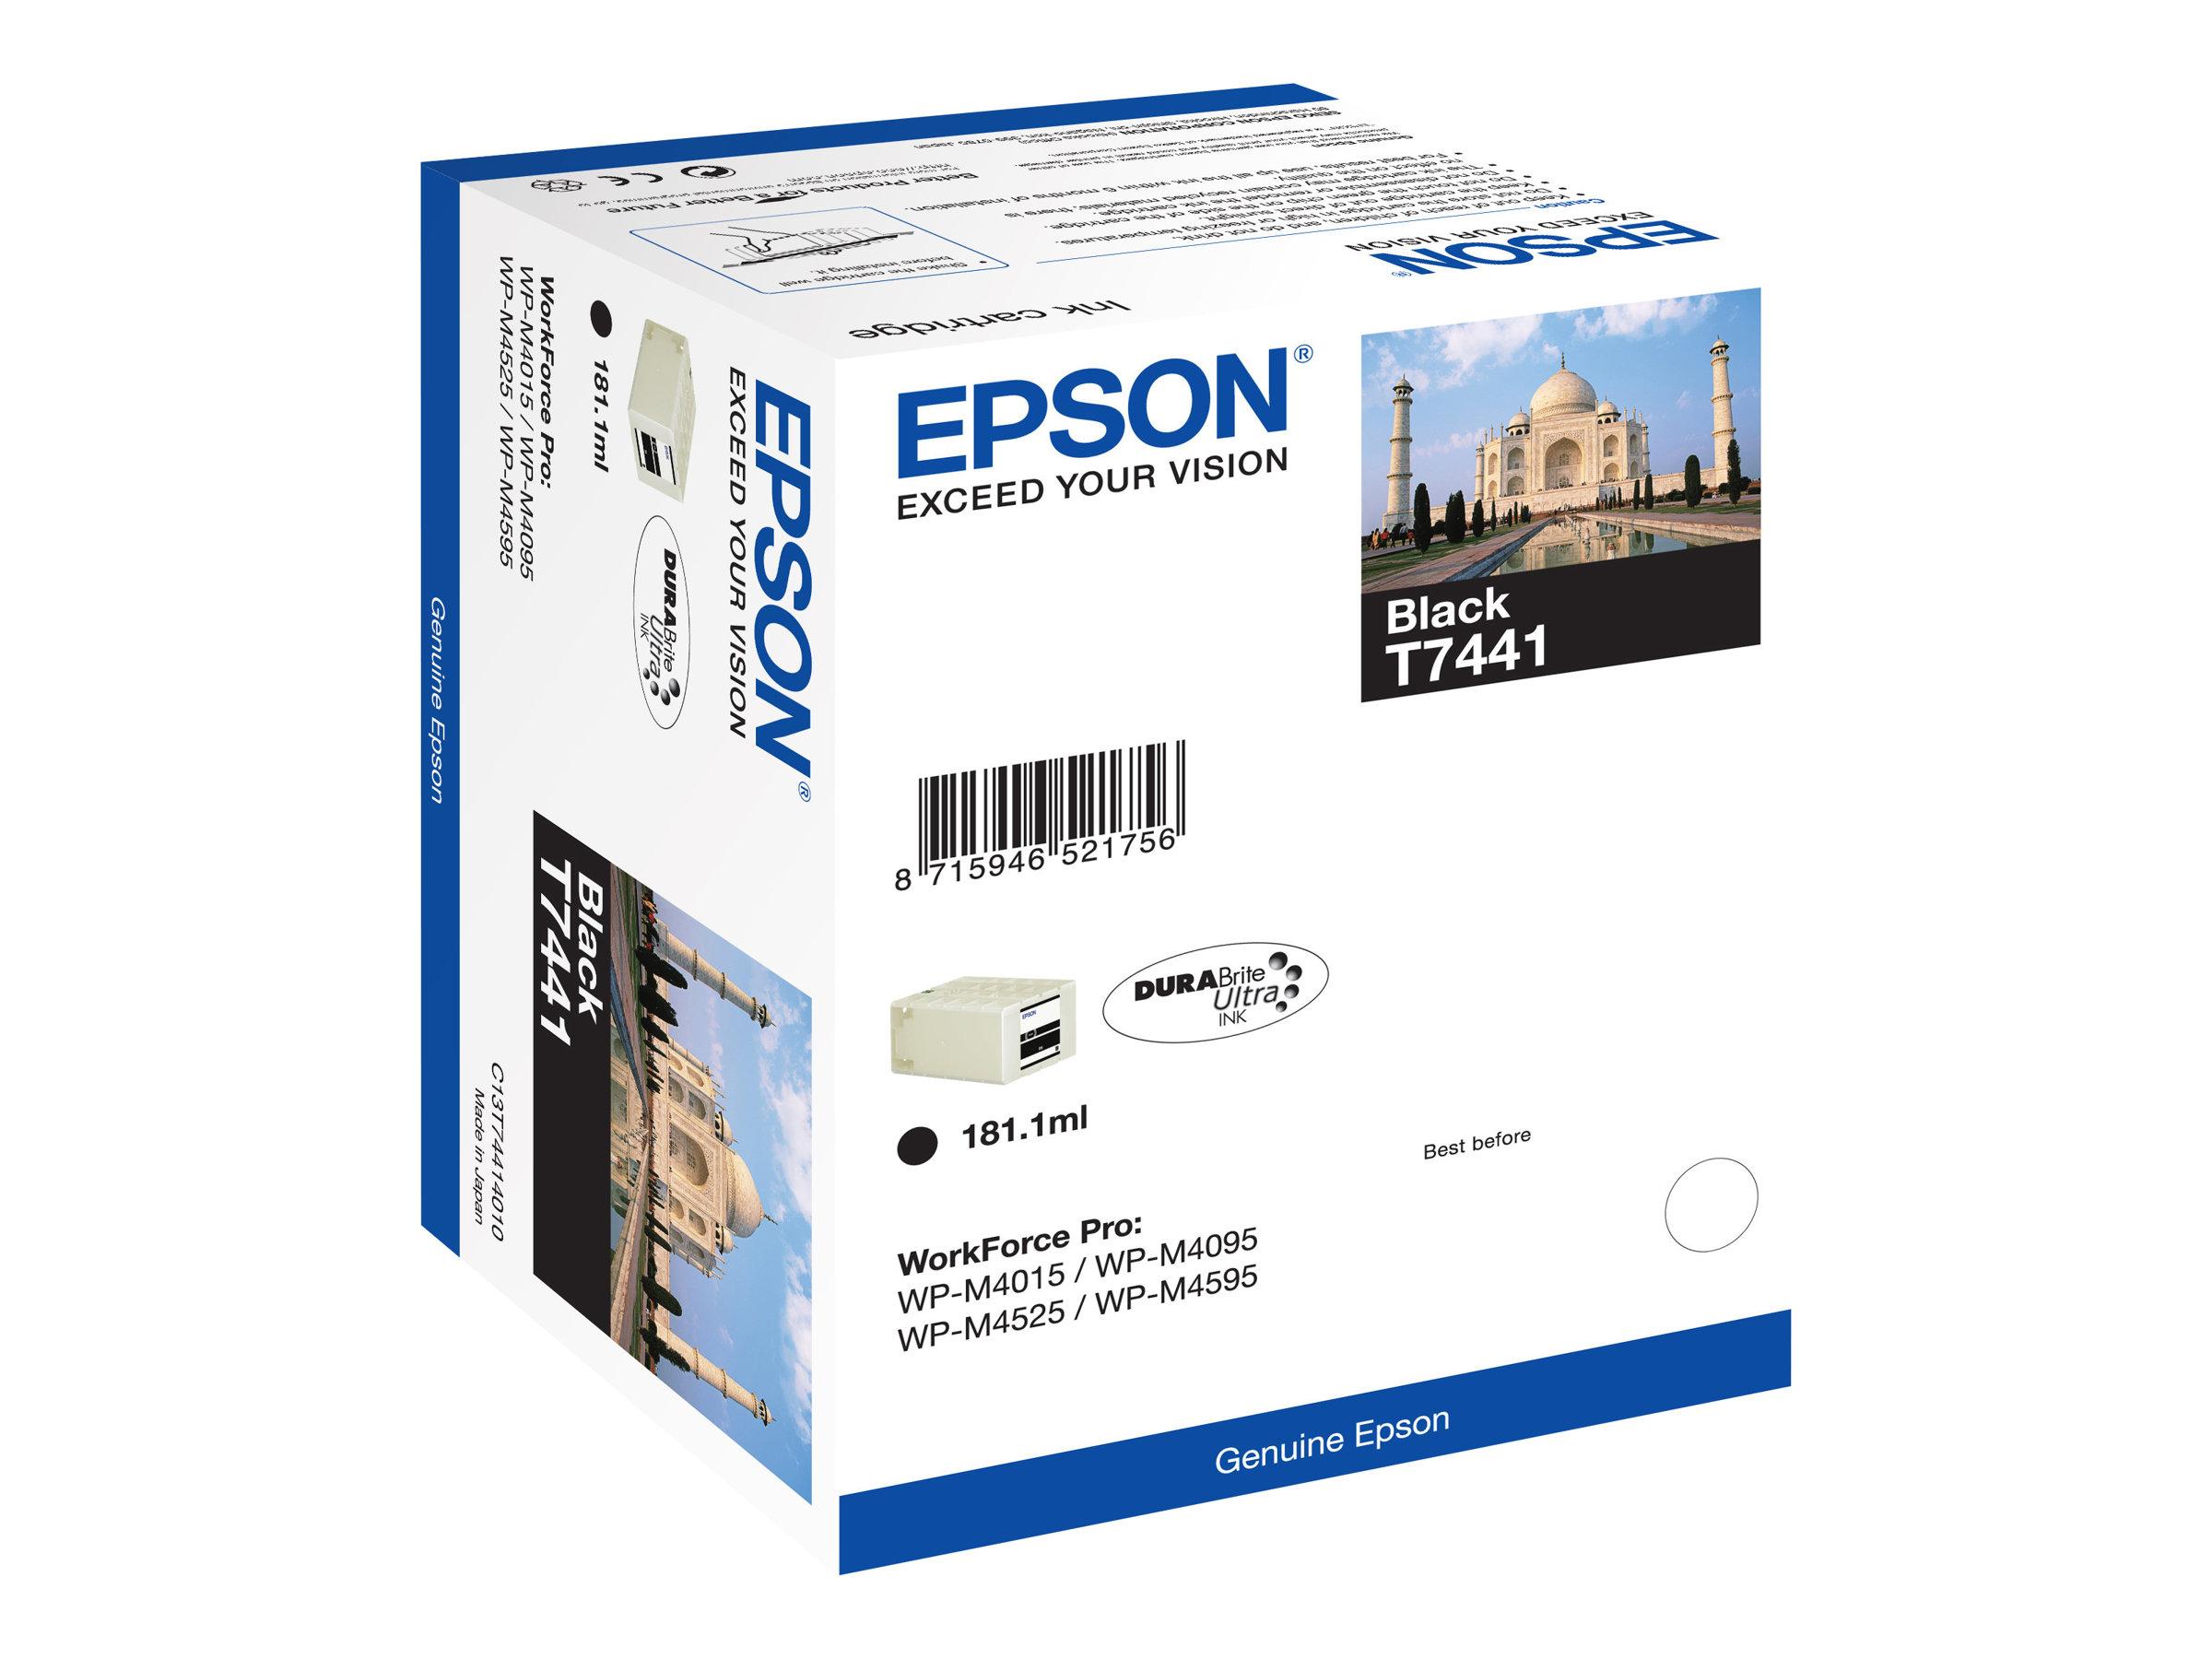 Epson T7441 Taj mahal - noir - cartouche d'encre originale